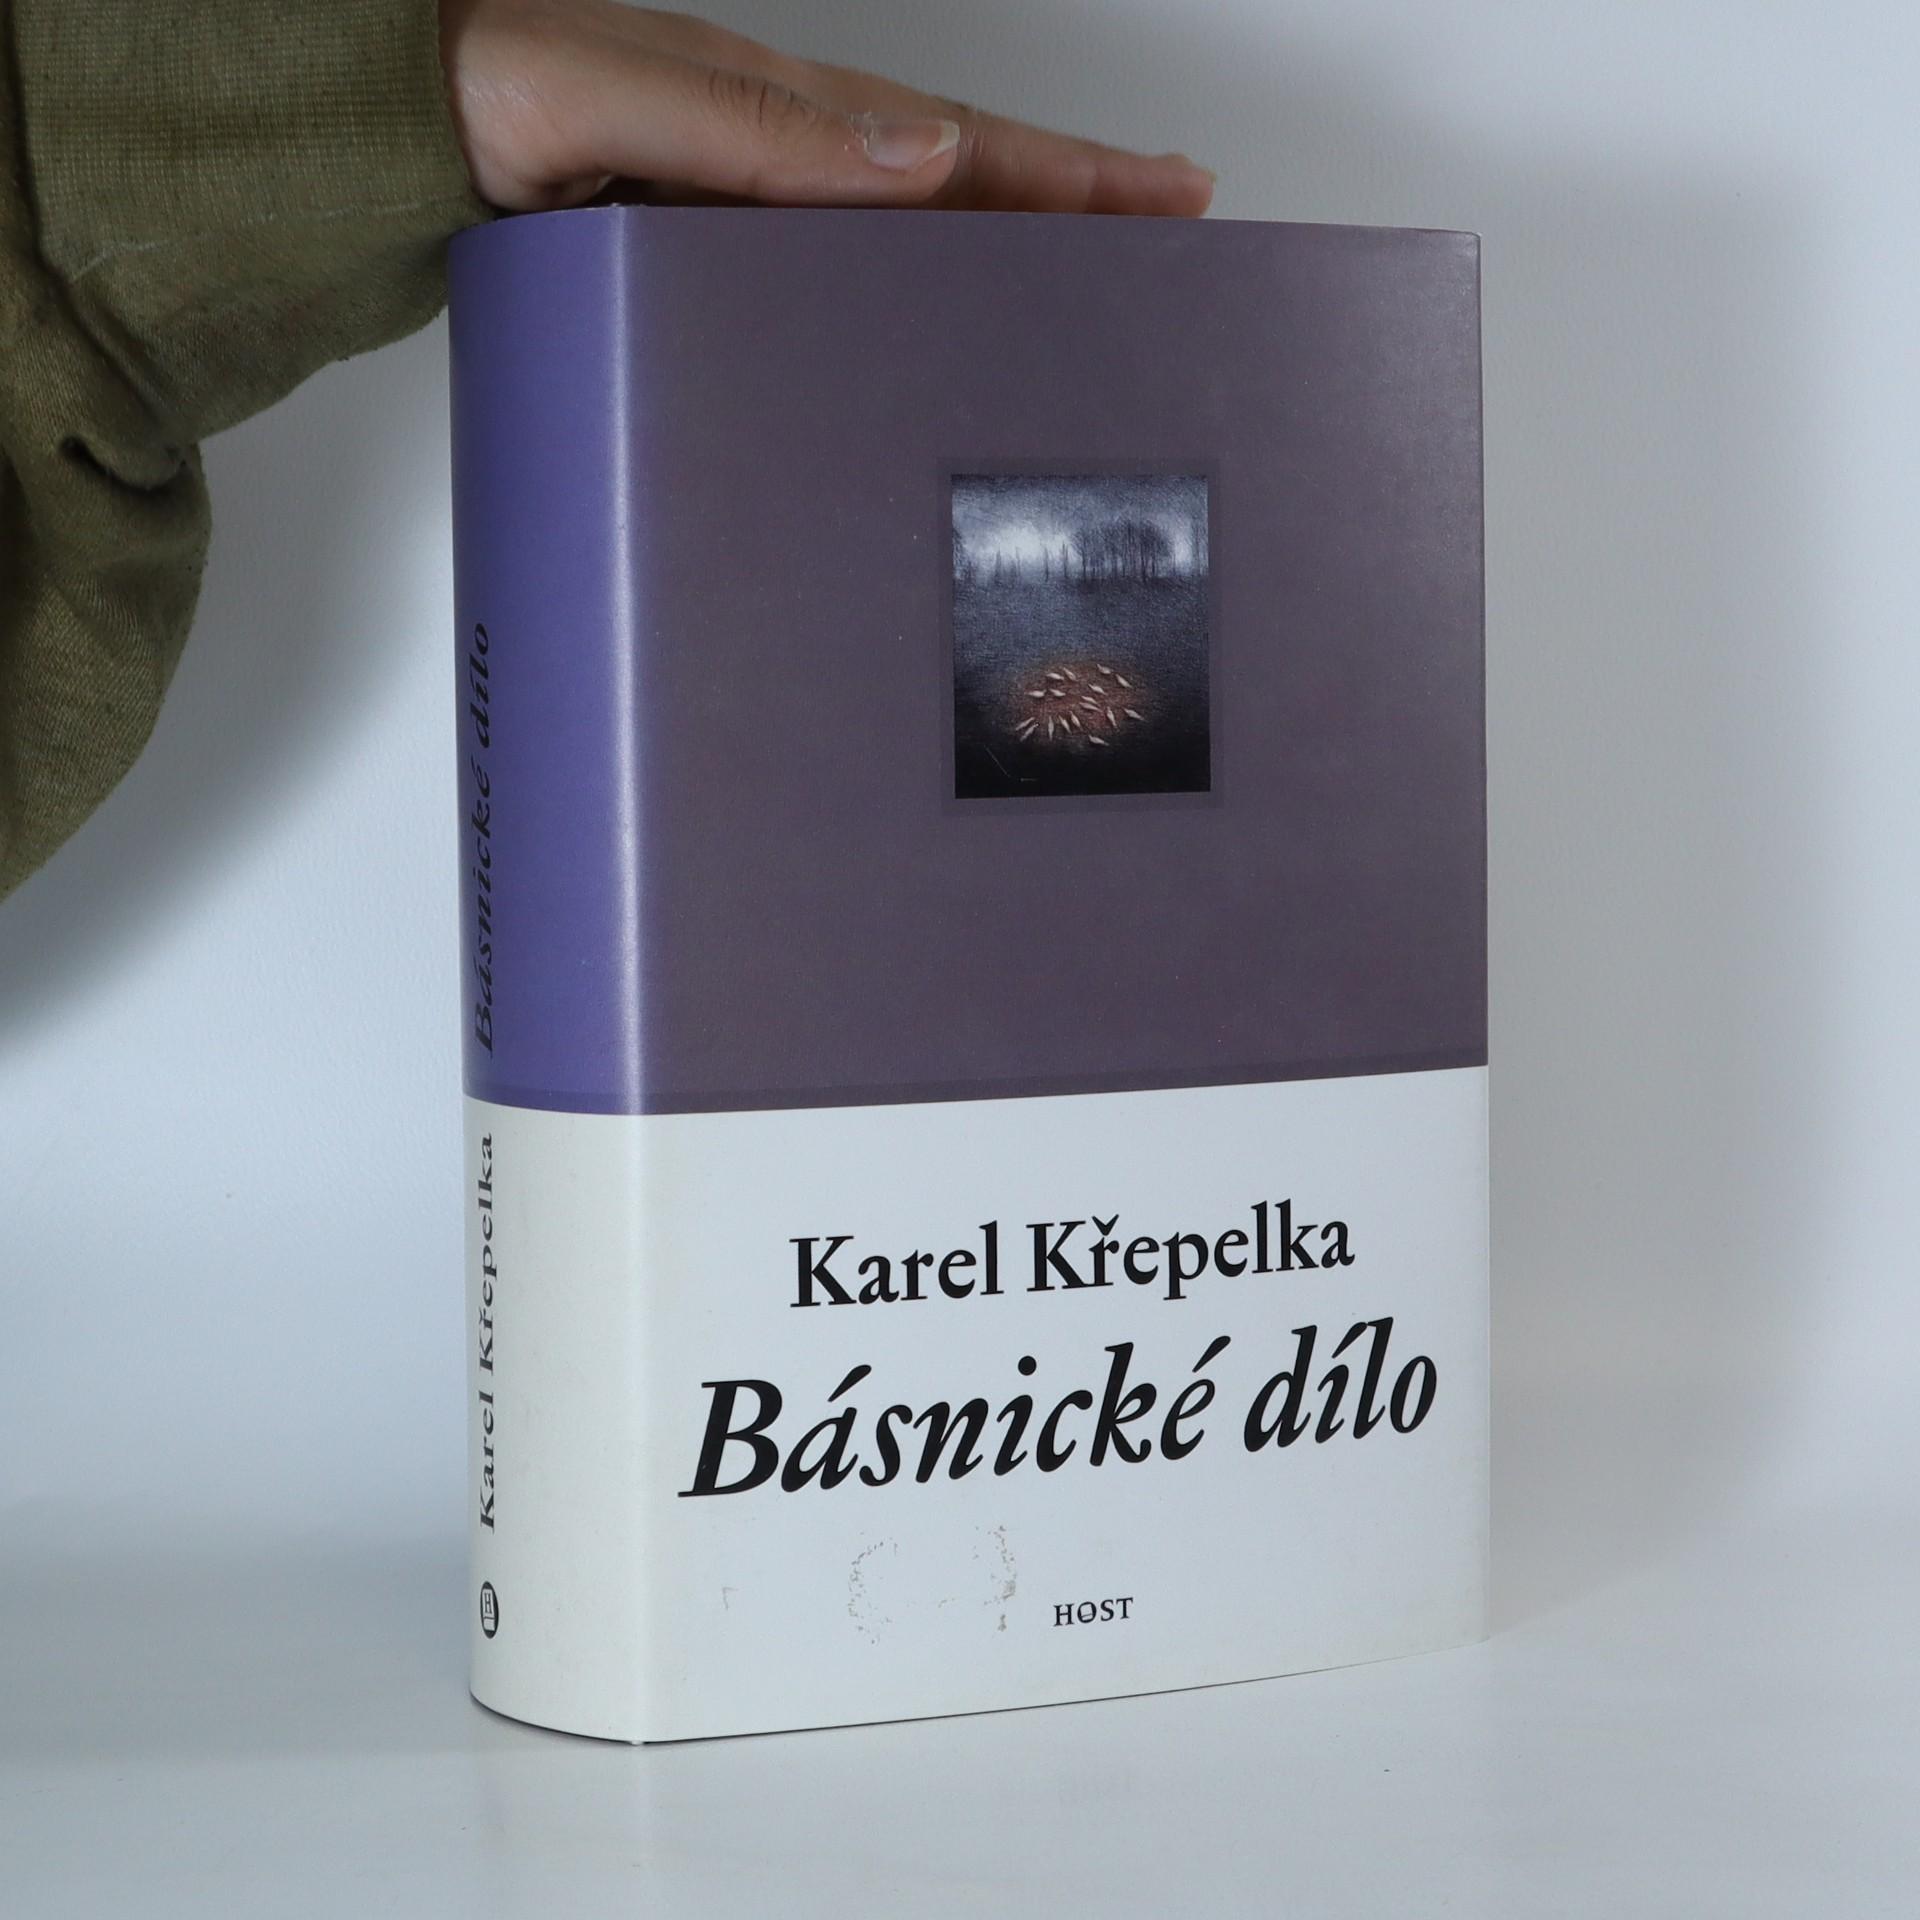 antikvární kniha Básnické dílo. Karel Křepelka, 2000